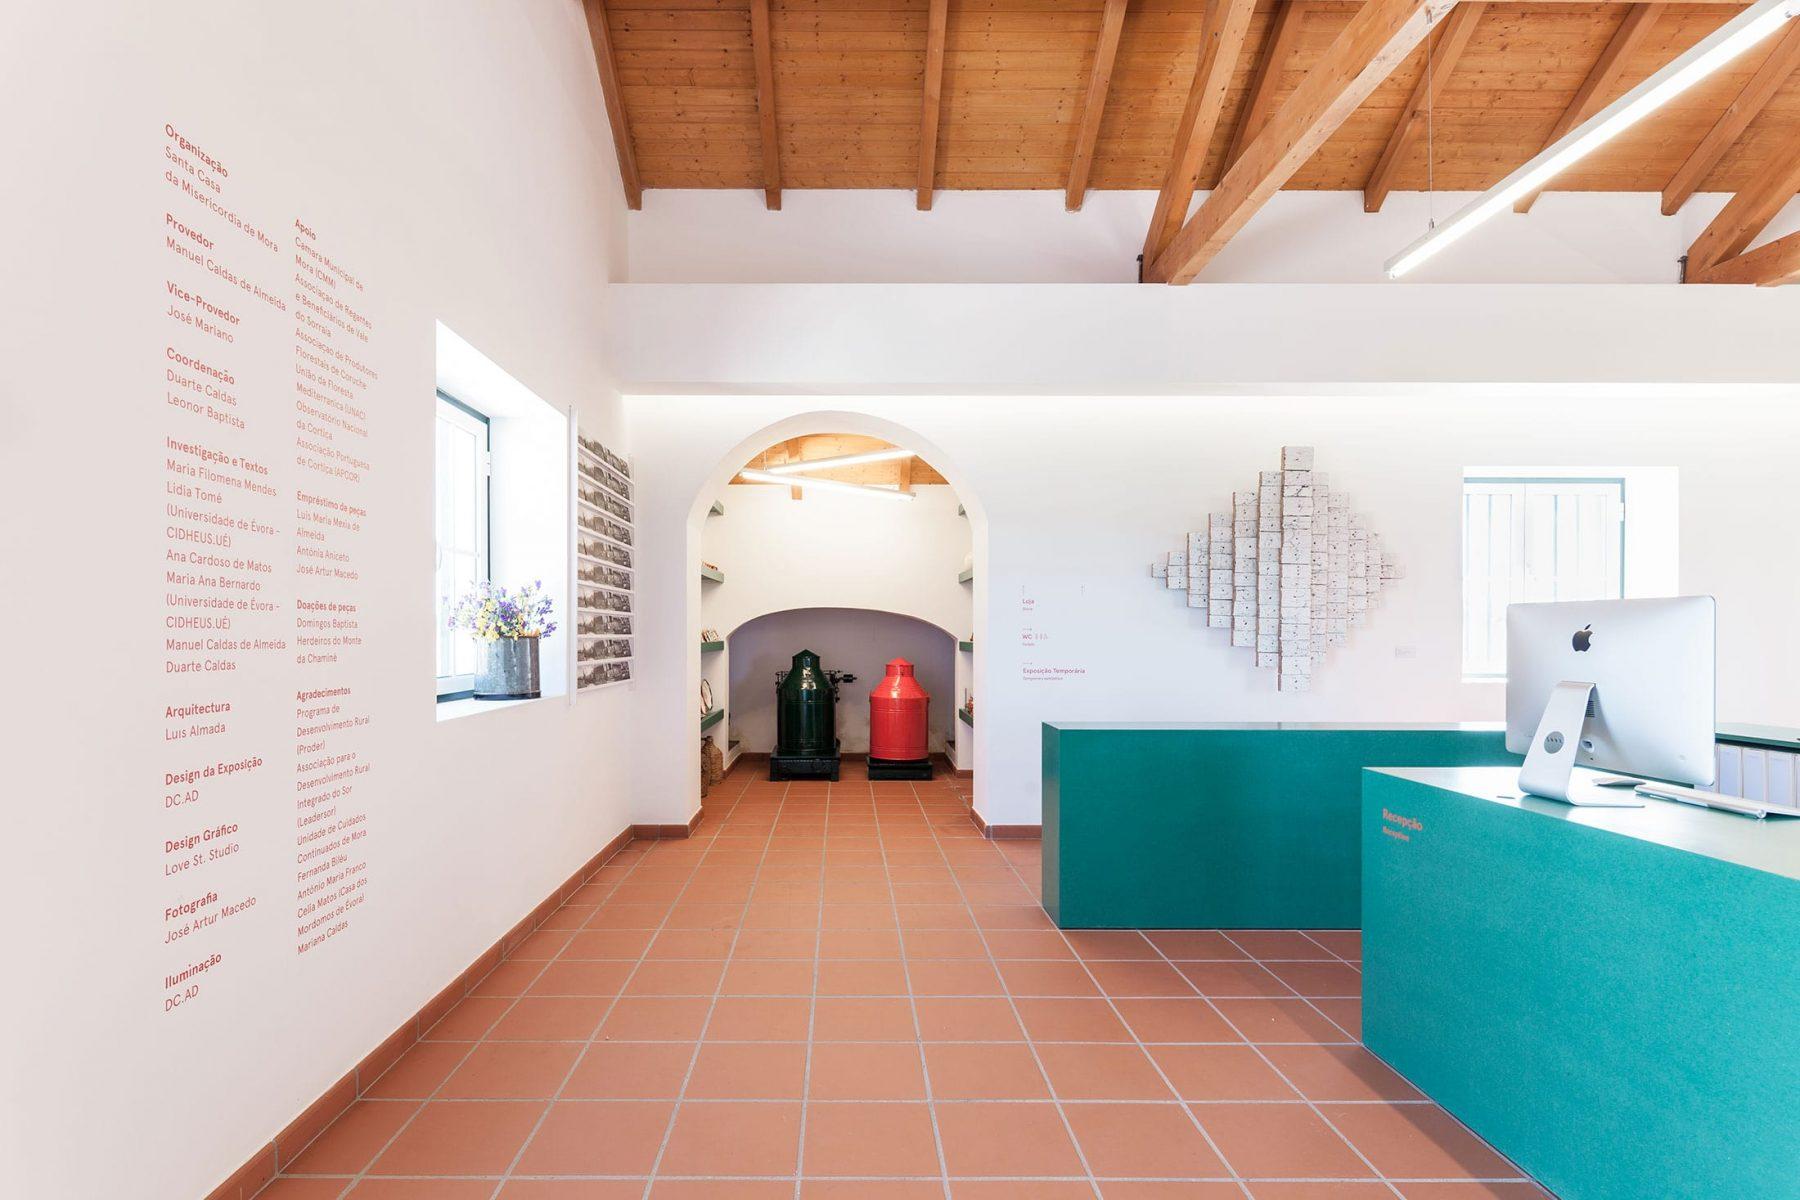 dc ad barroca architecture 01